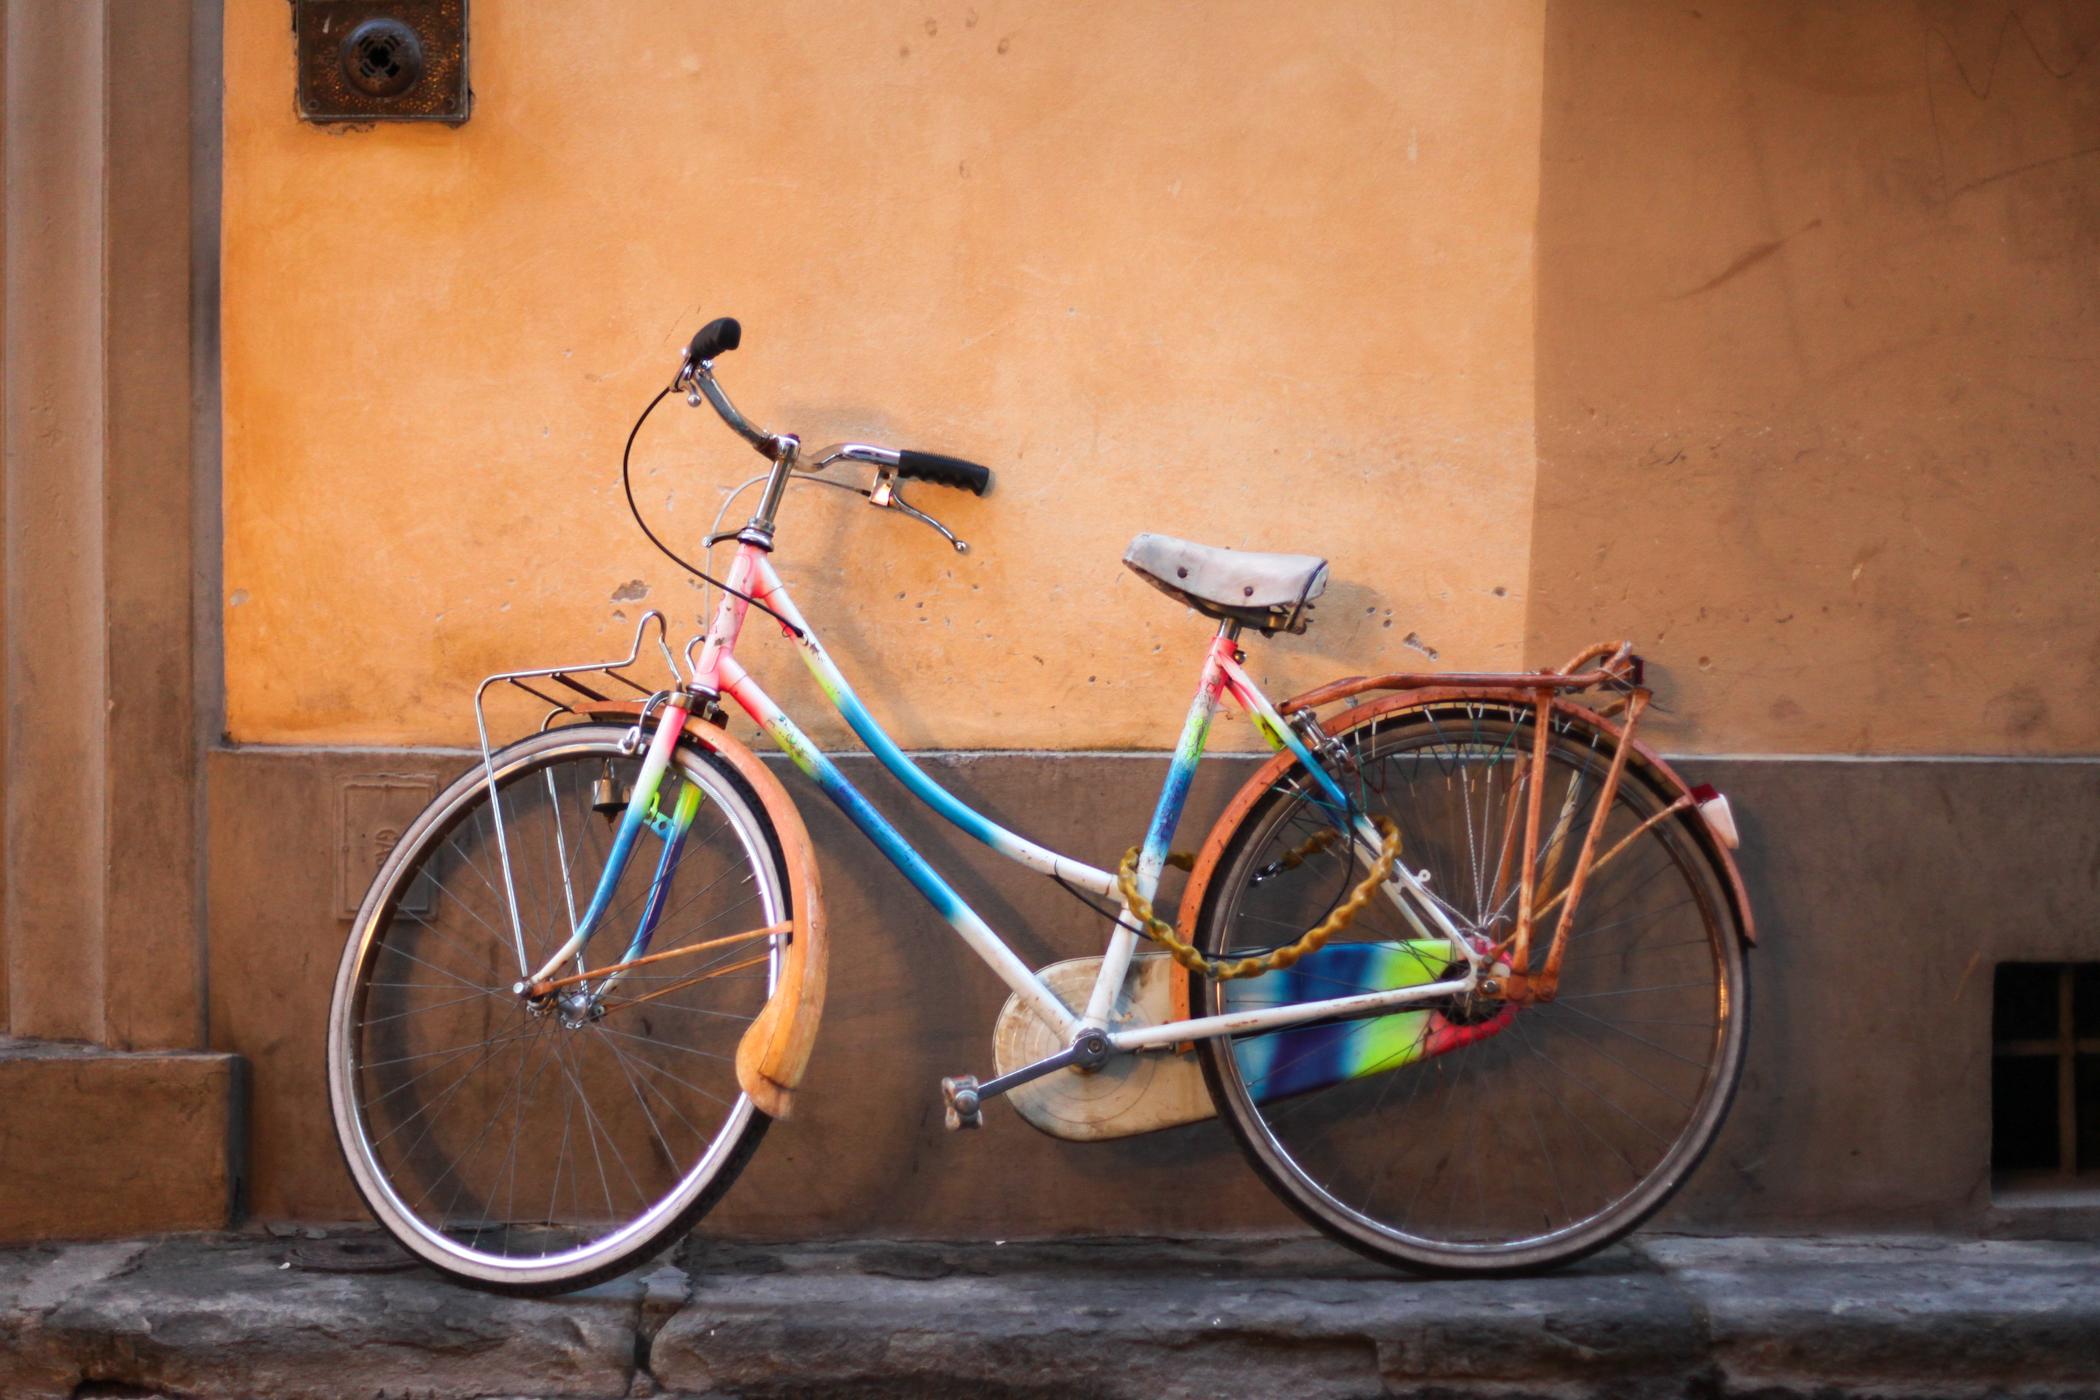 palermo bicicletti di firenze jan15-27.jpg